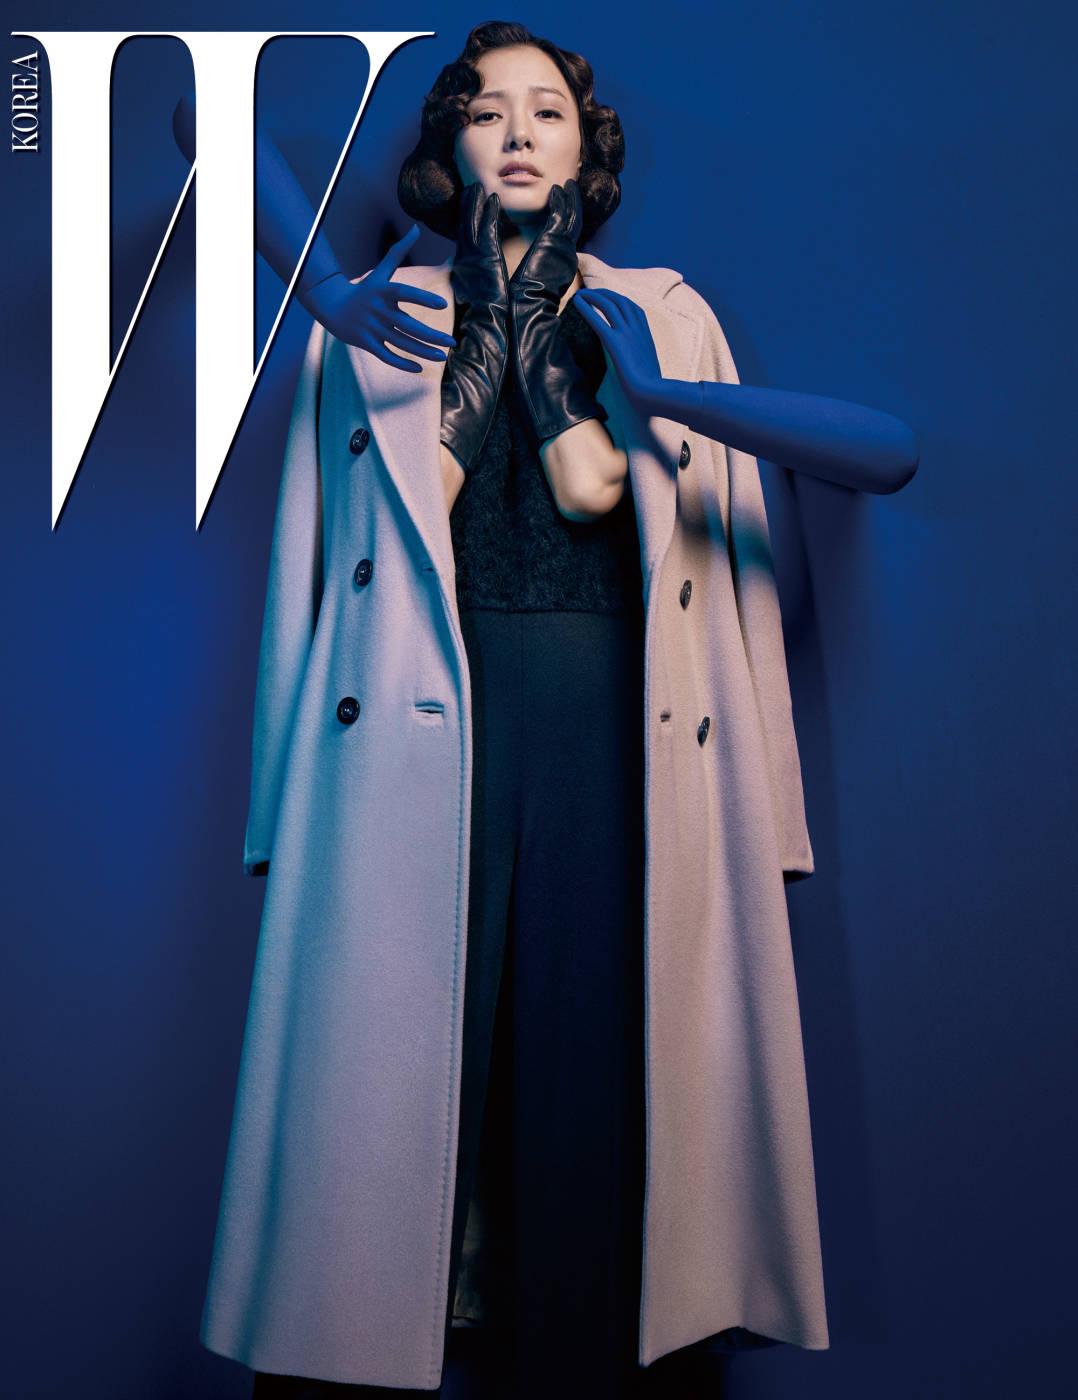 막스마라의 아이코닉한 까샤 컬러 101801 코트와 안에 입은 검은색 점프슈트, 펌프스, 가죽 장갑은 모두 Max Mara 제품.